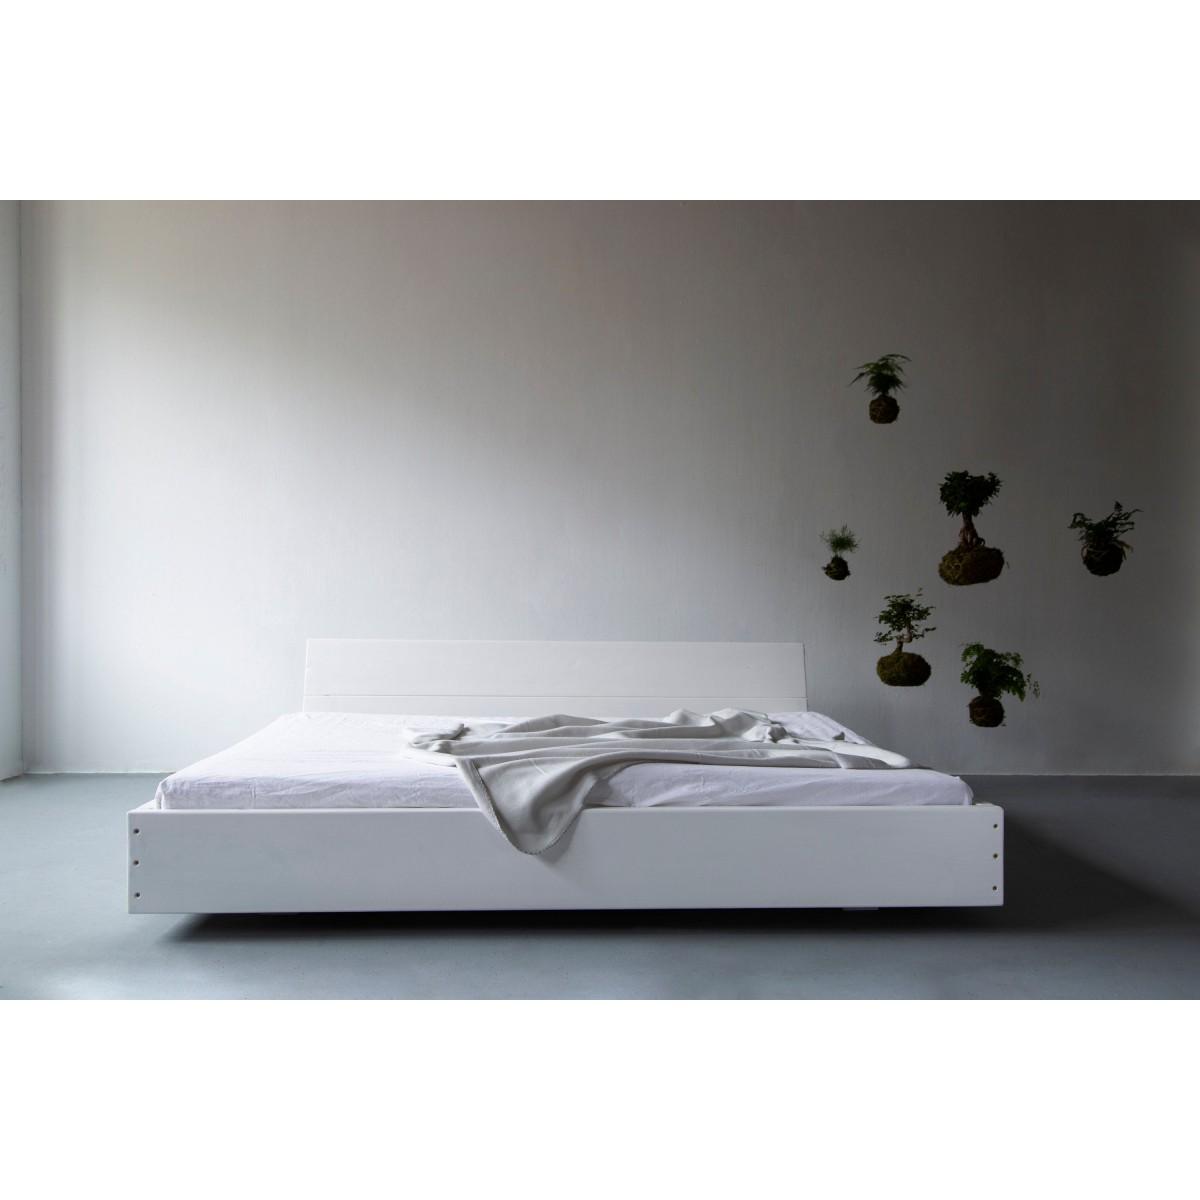 Bauholz Bett Lussan White Wash mit schräger Lehne